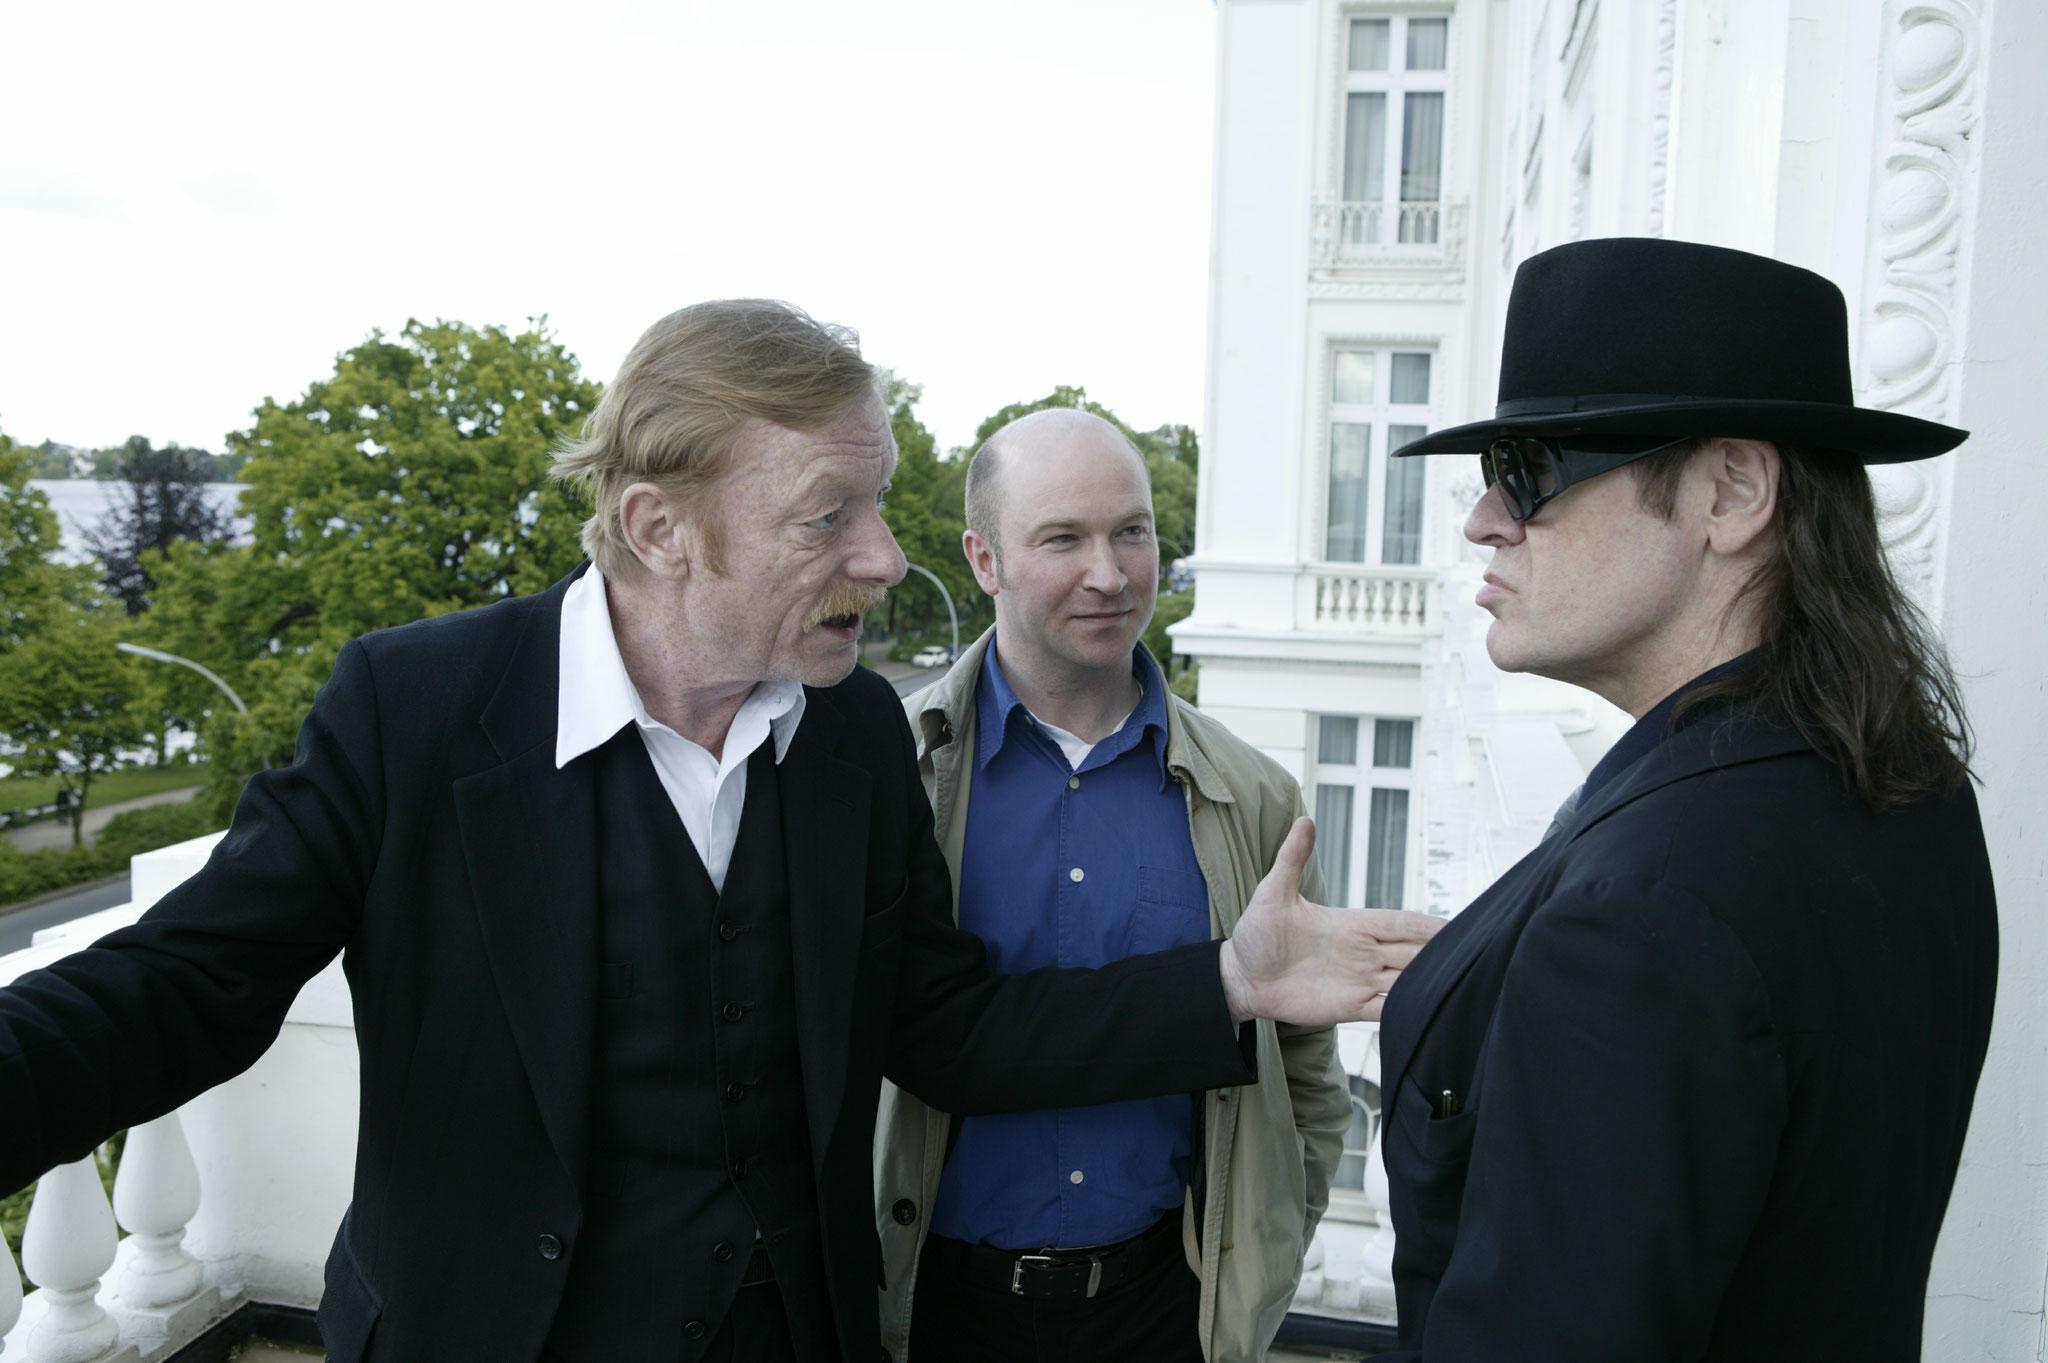 Otto Sander, Udo Lindenberg, Helge Stroemer, Foto: Nico Krauss, für Yacht